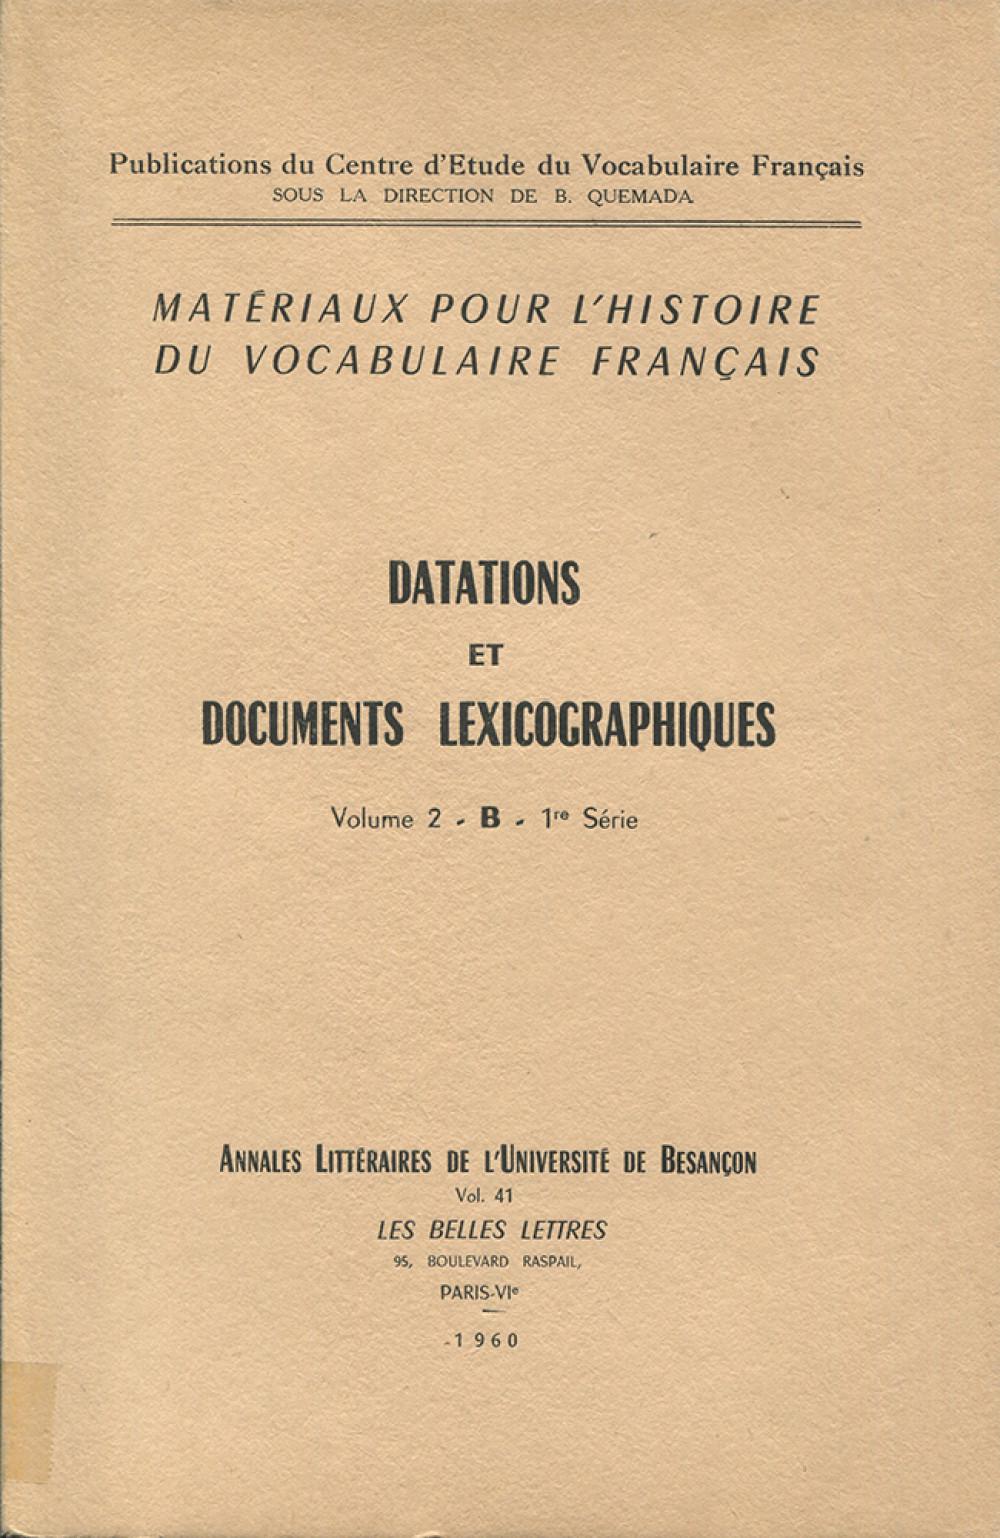 Matériaux pour l'histoire du vocabulaire français II